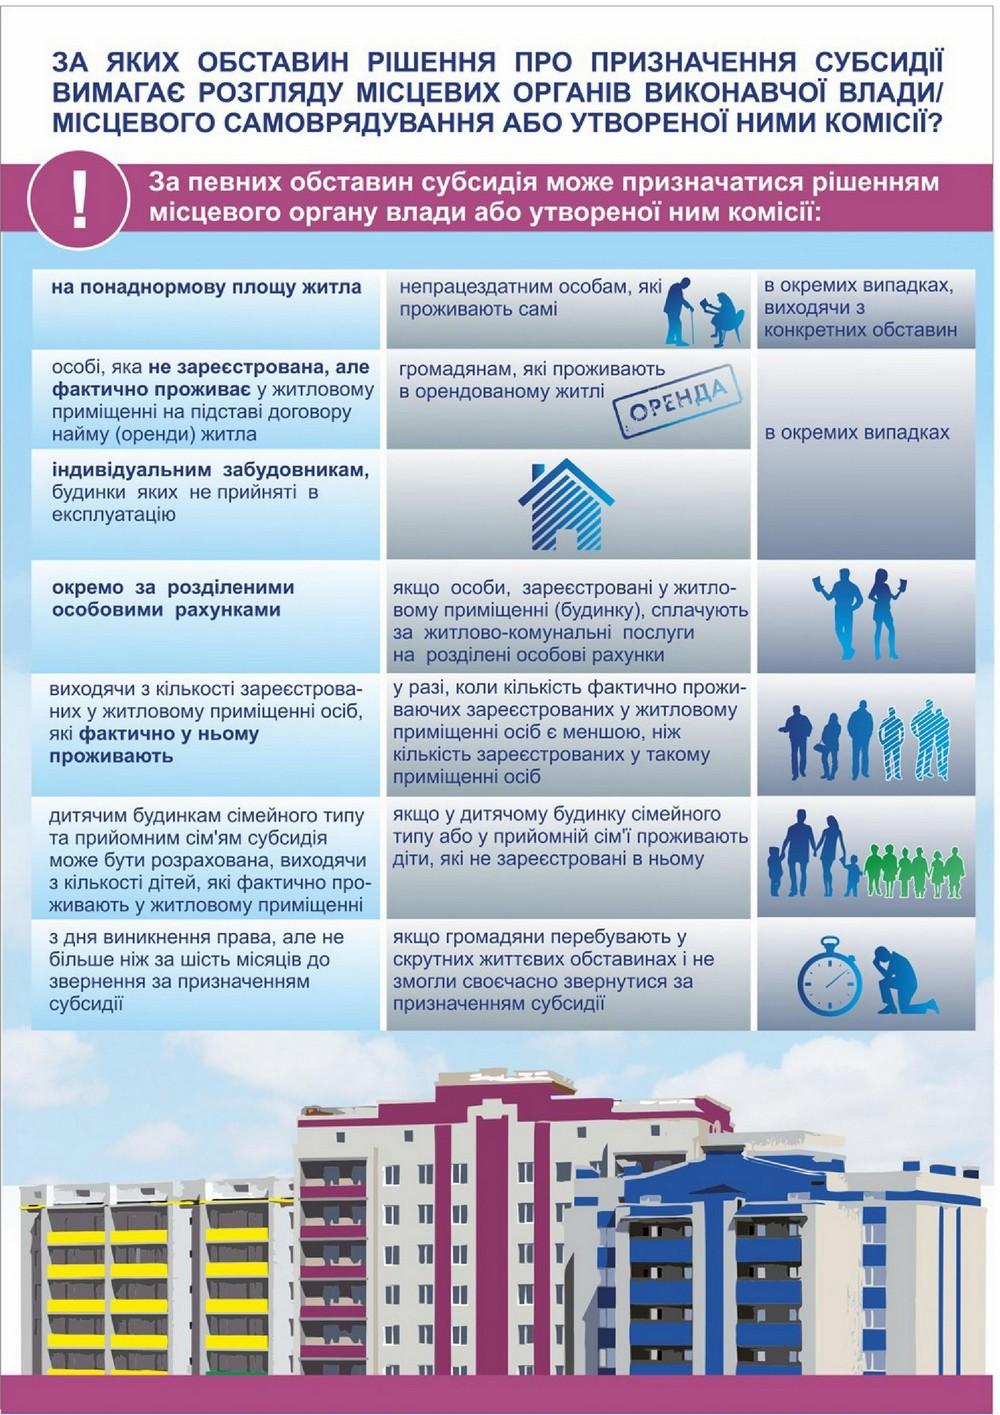 """Деякі актуальні питання щодо житлових субсидій 3 (Інформацію взято із сайту """"Інститут місцевого розвитку"""")"""